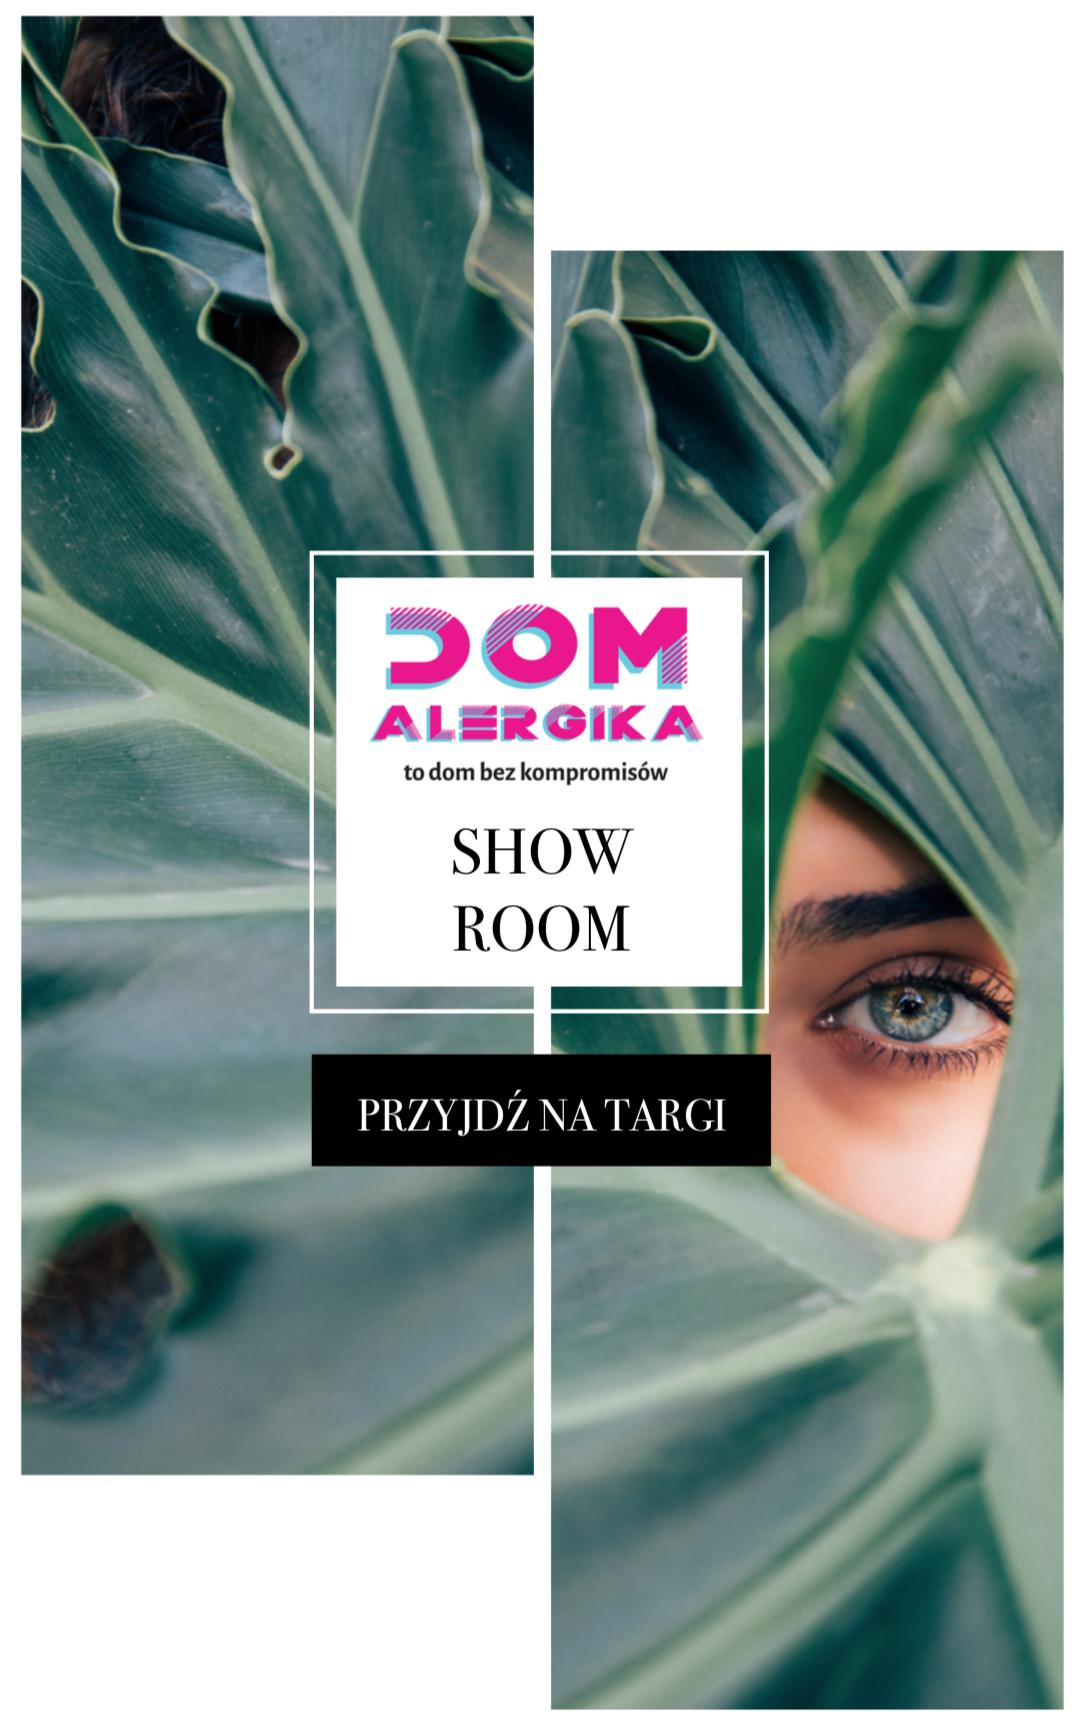 hipoalergiczni-dom-alergika-project-2018-INVITE